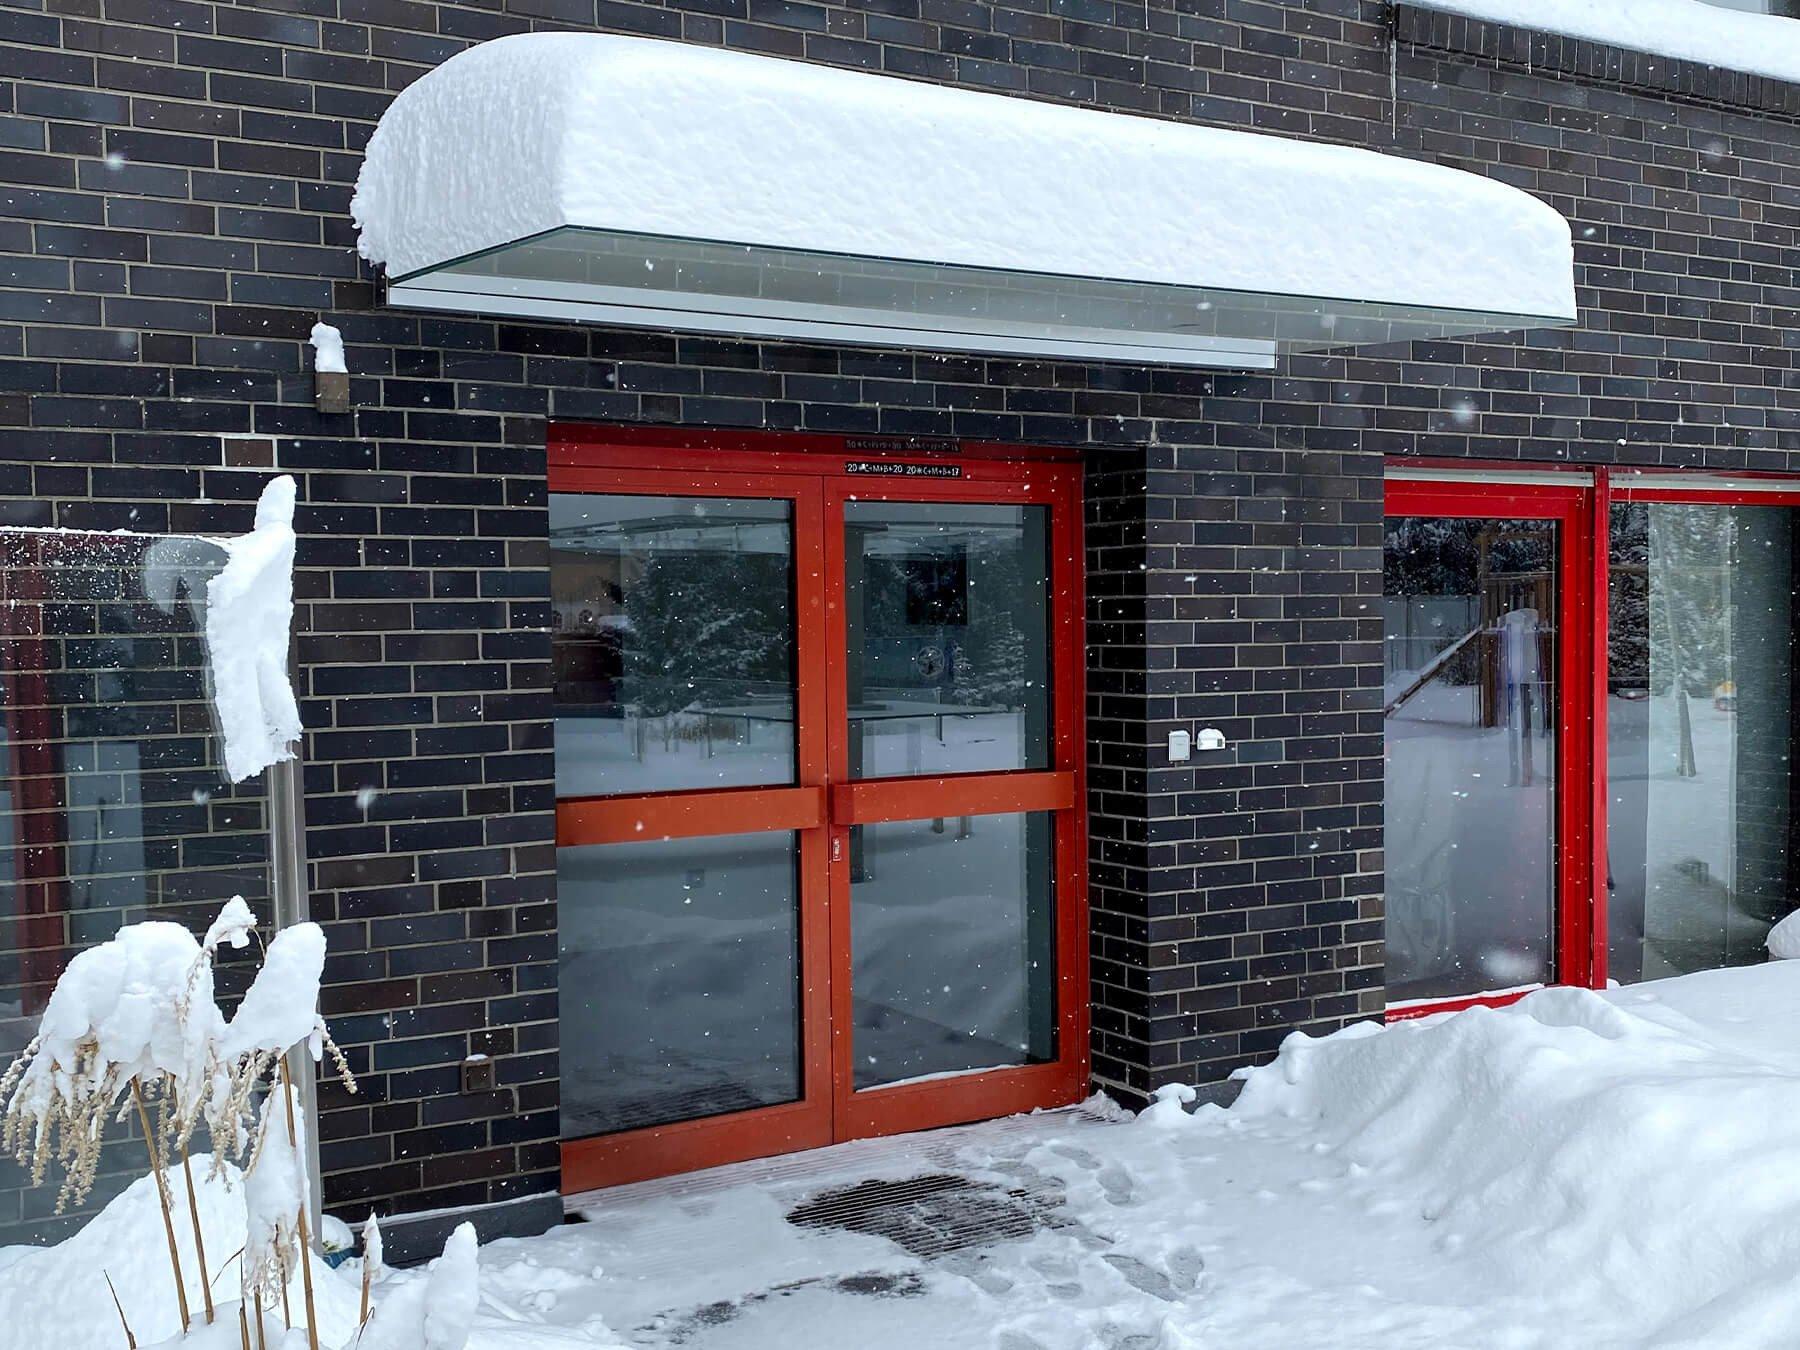 Freitragendes Glasvordach mit Schnee bedeckt vor Hauseingang